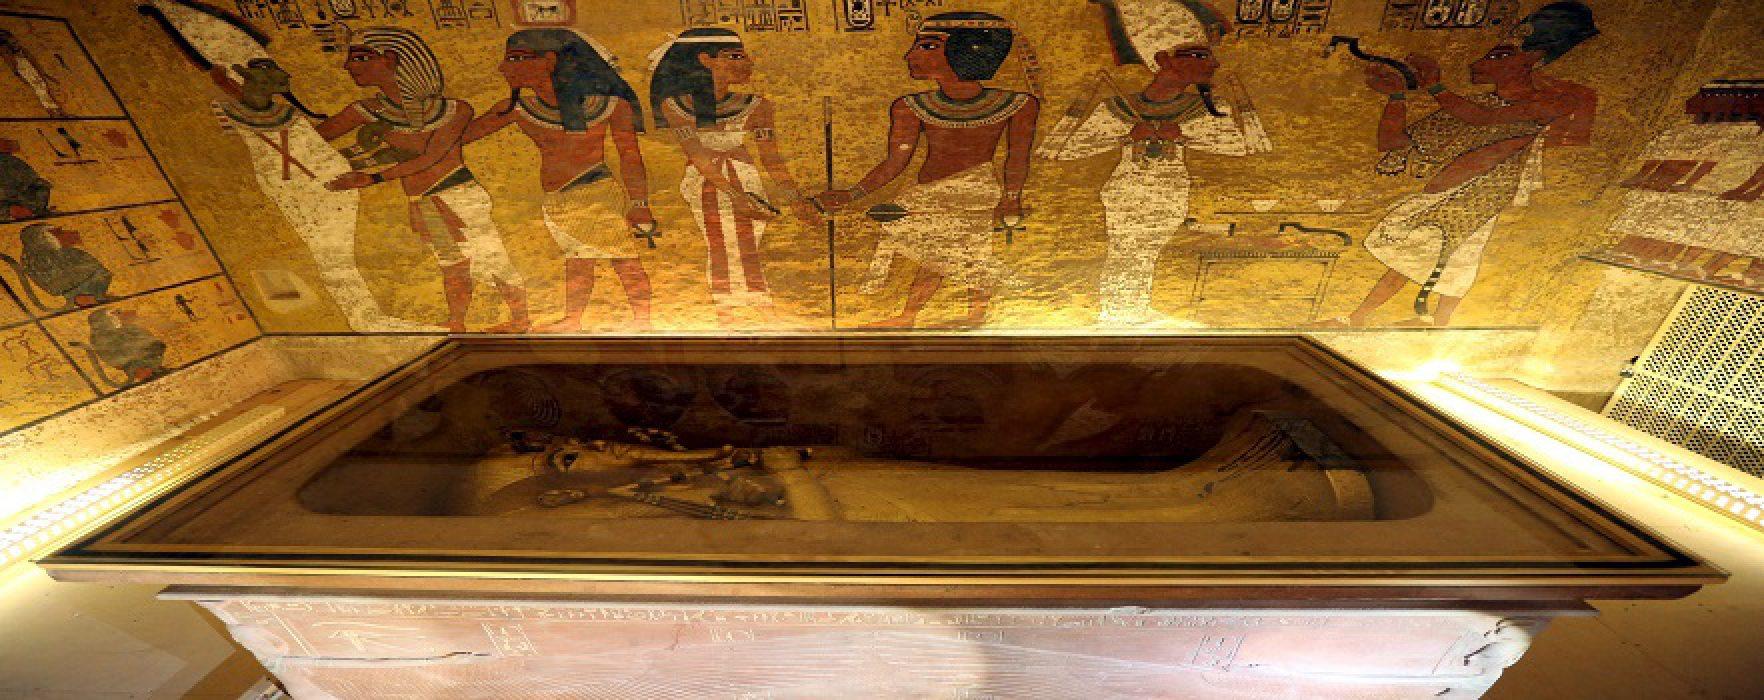 No Secret Room in King Tut's Tomb